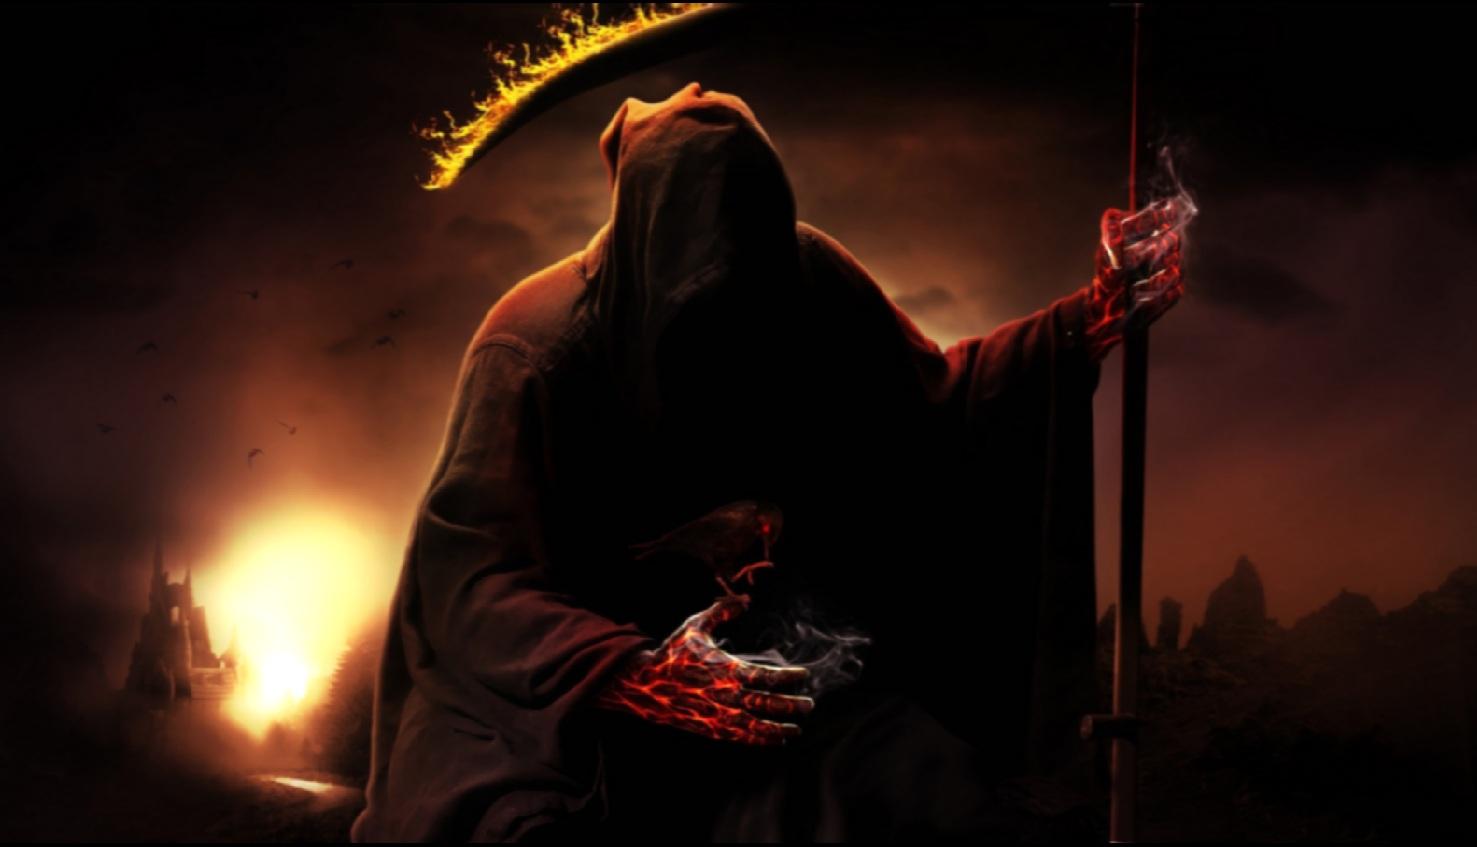 The Reaper Screensaver